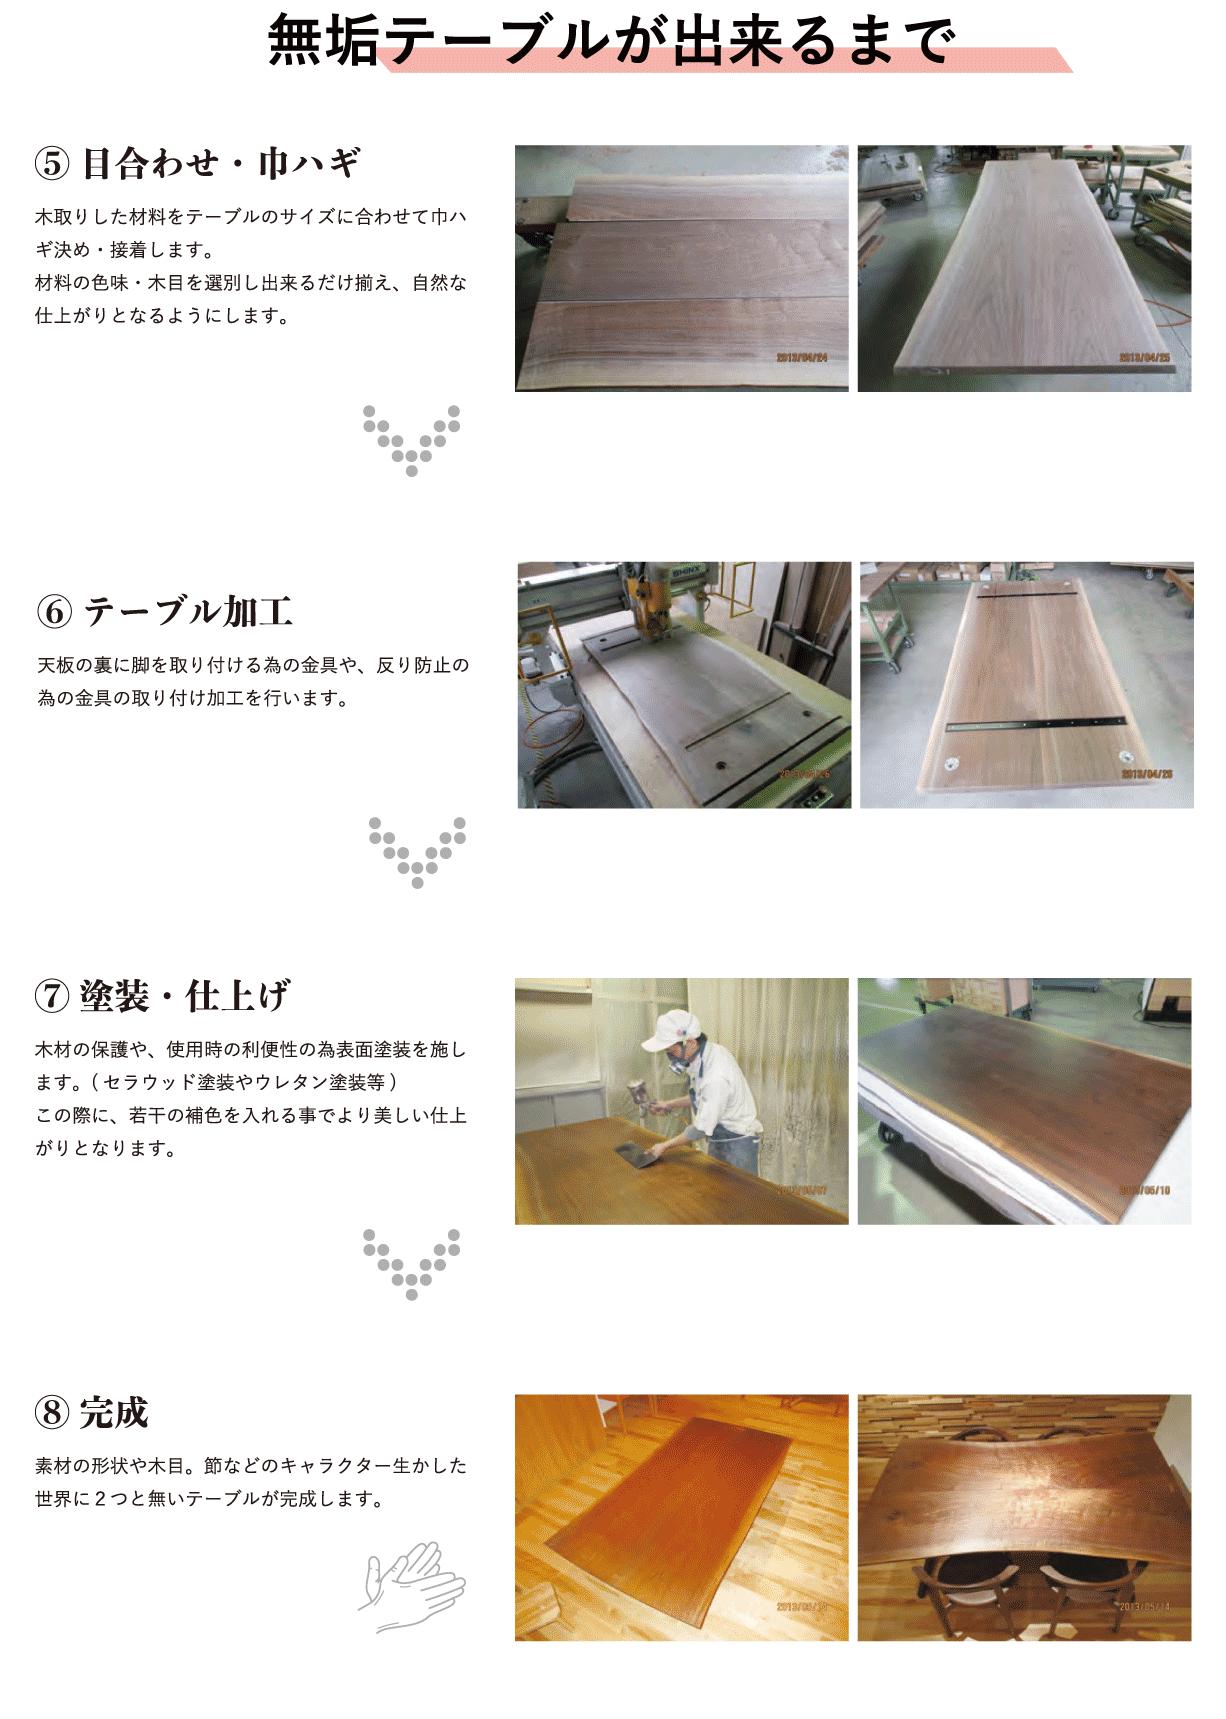 ハギテーブル製作2